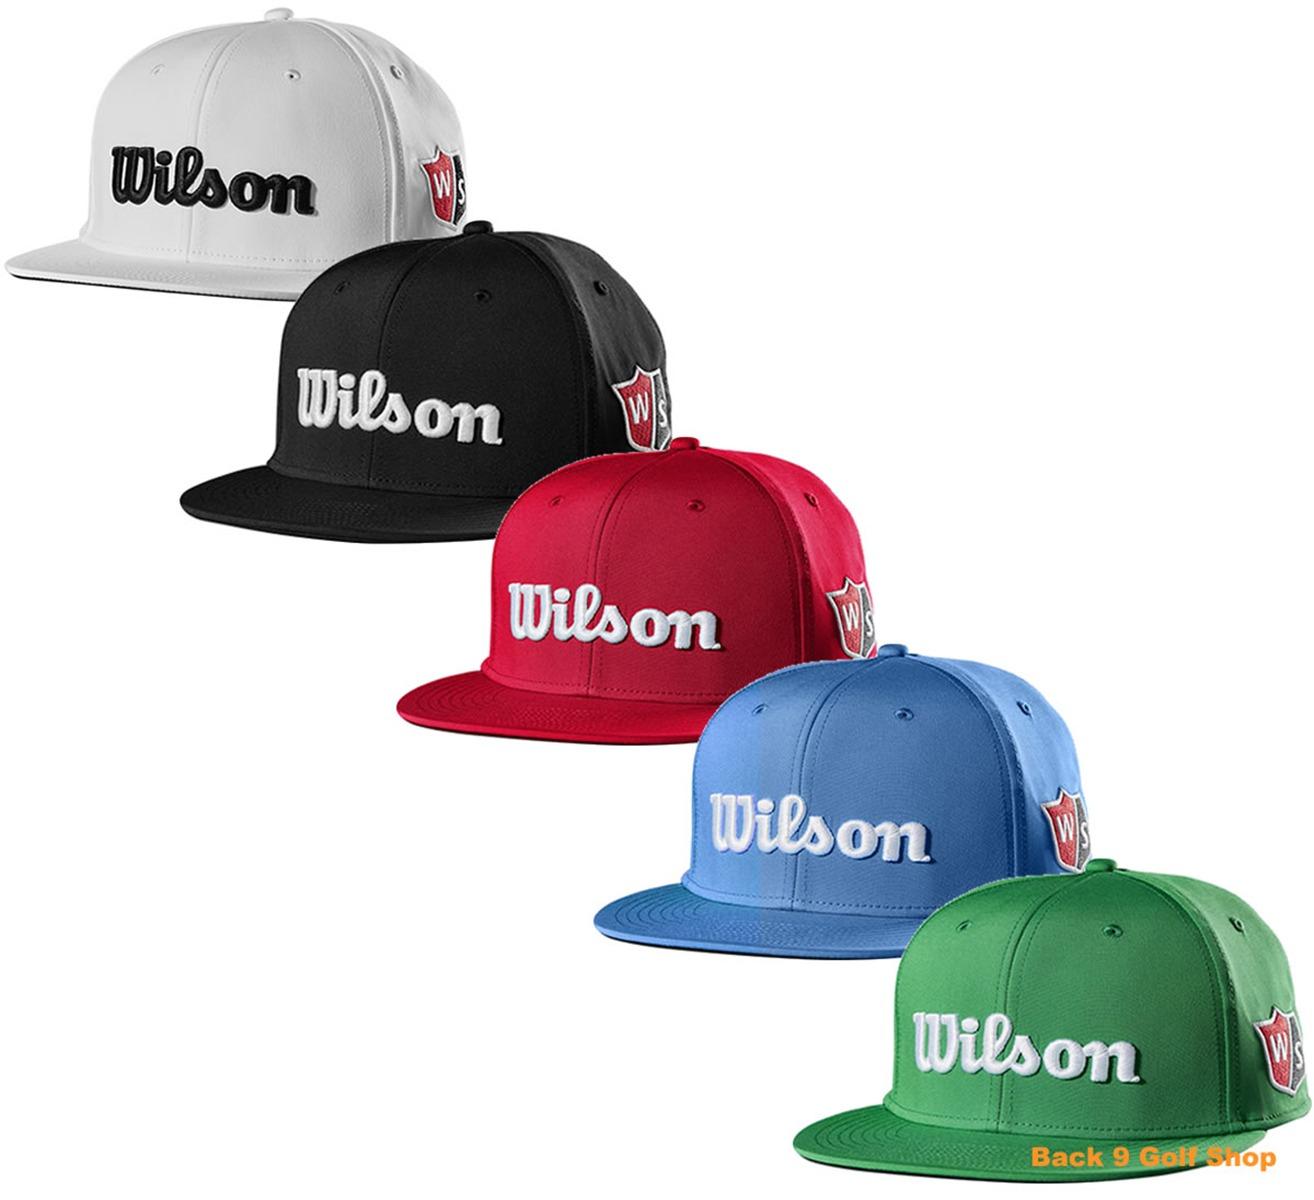 41a5a0ca395 Wilson Staff Flat Brim Golf Hat Adjustable - New 2019